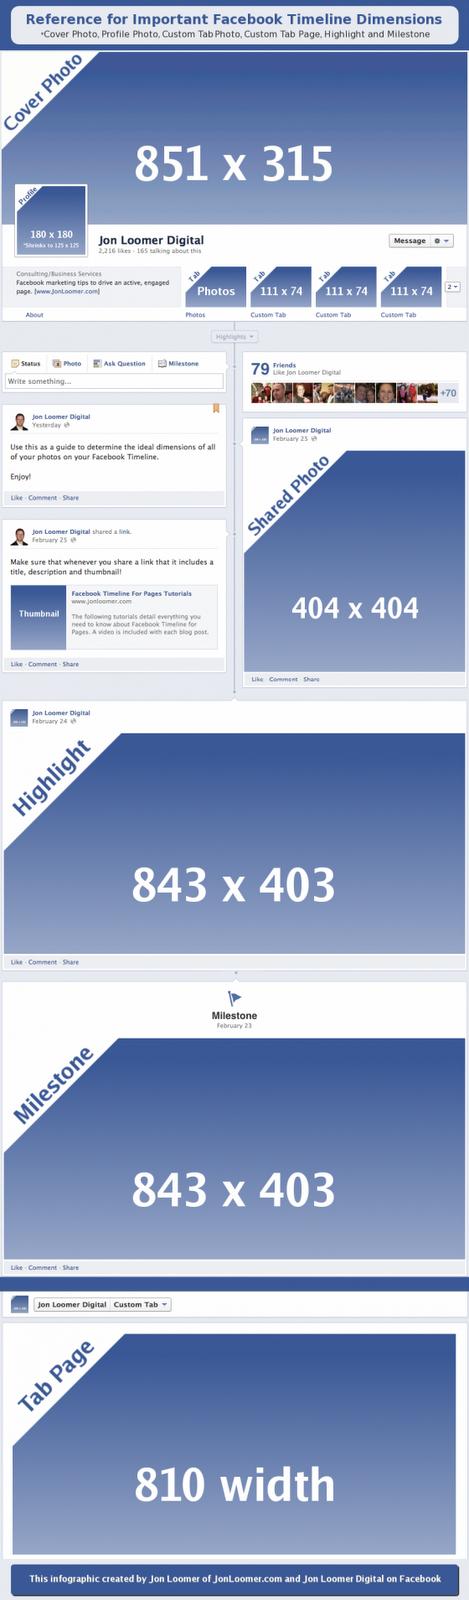 الأبعاد المهمة لعناصر التصميم الجديد Timeline لصفحات فيسبوك [انفوجرافيك]